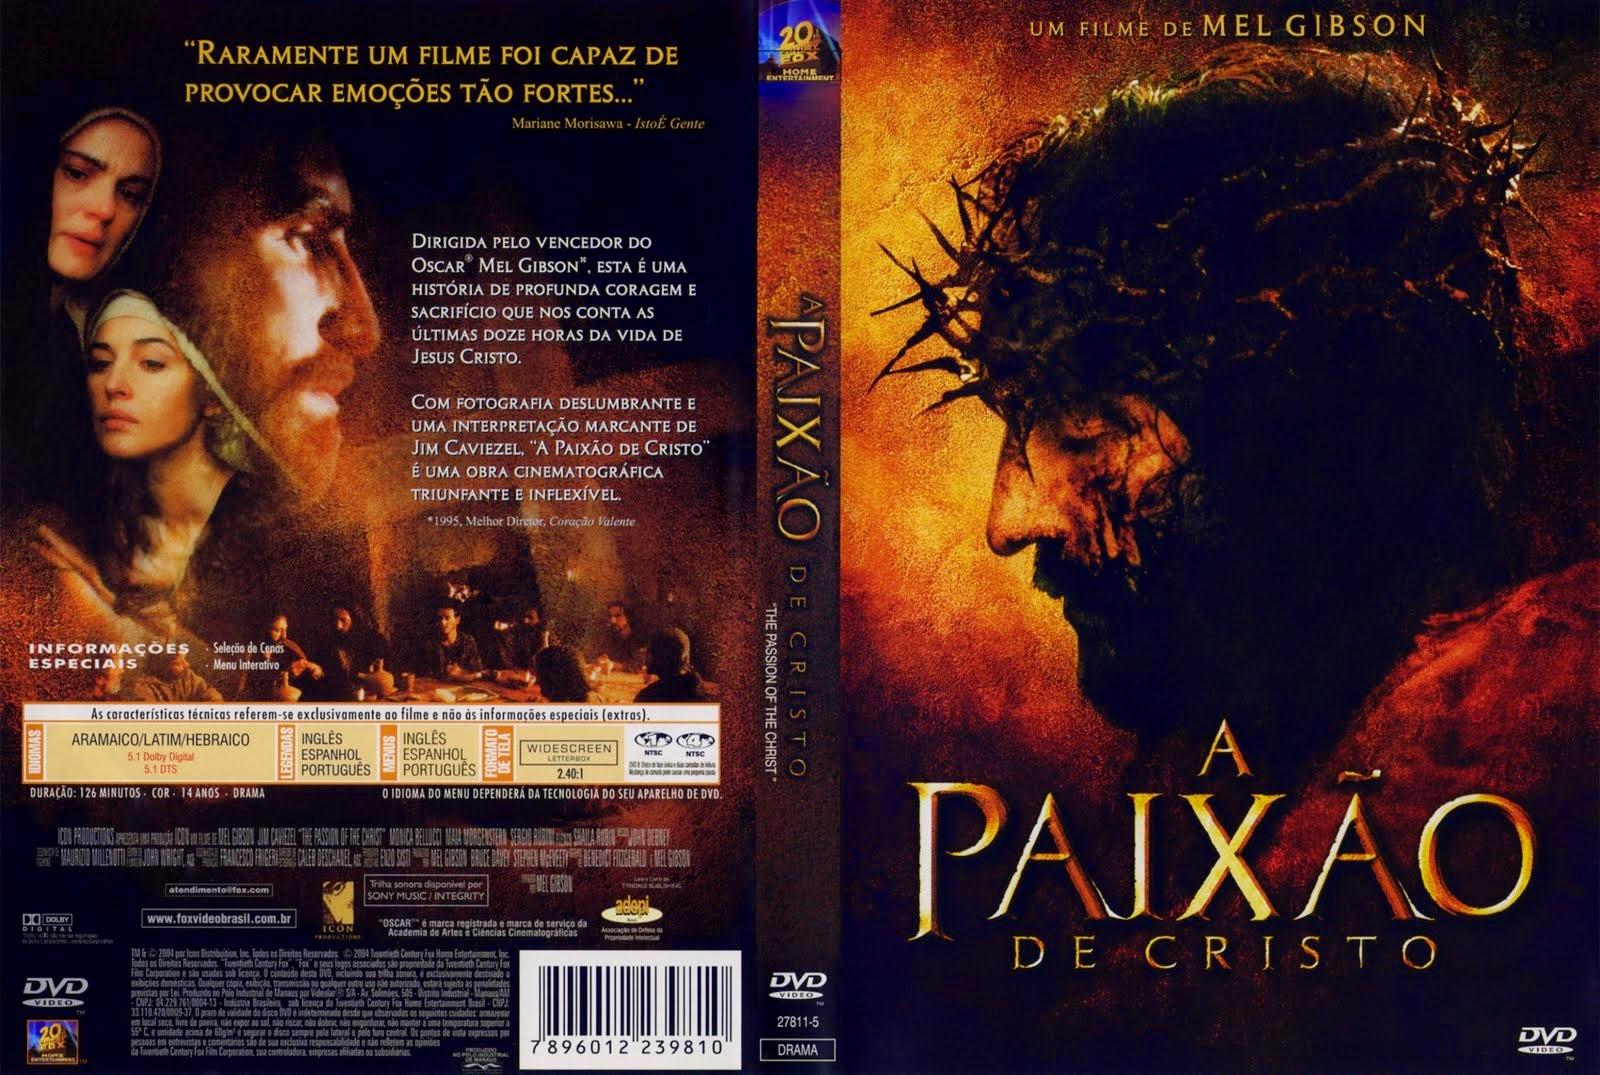 Pompeia filme 2014 dublado online dating 5